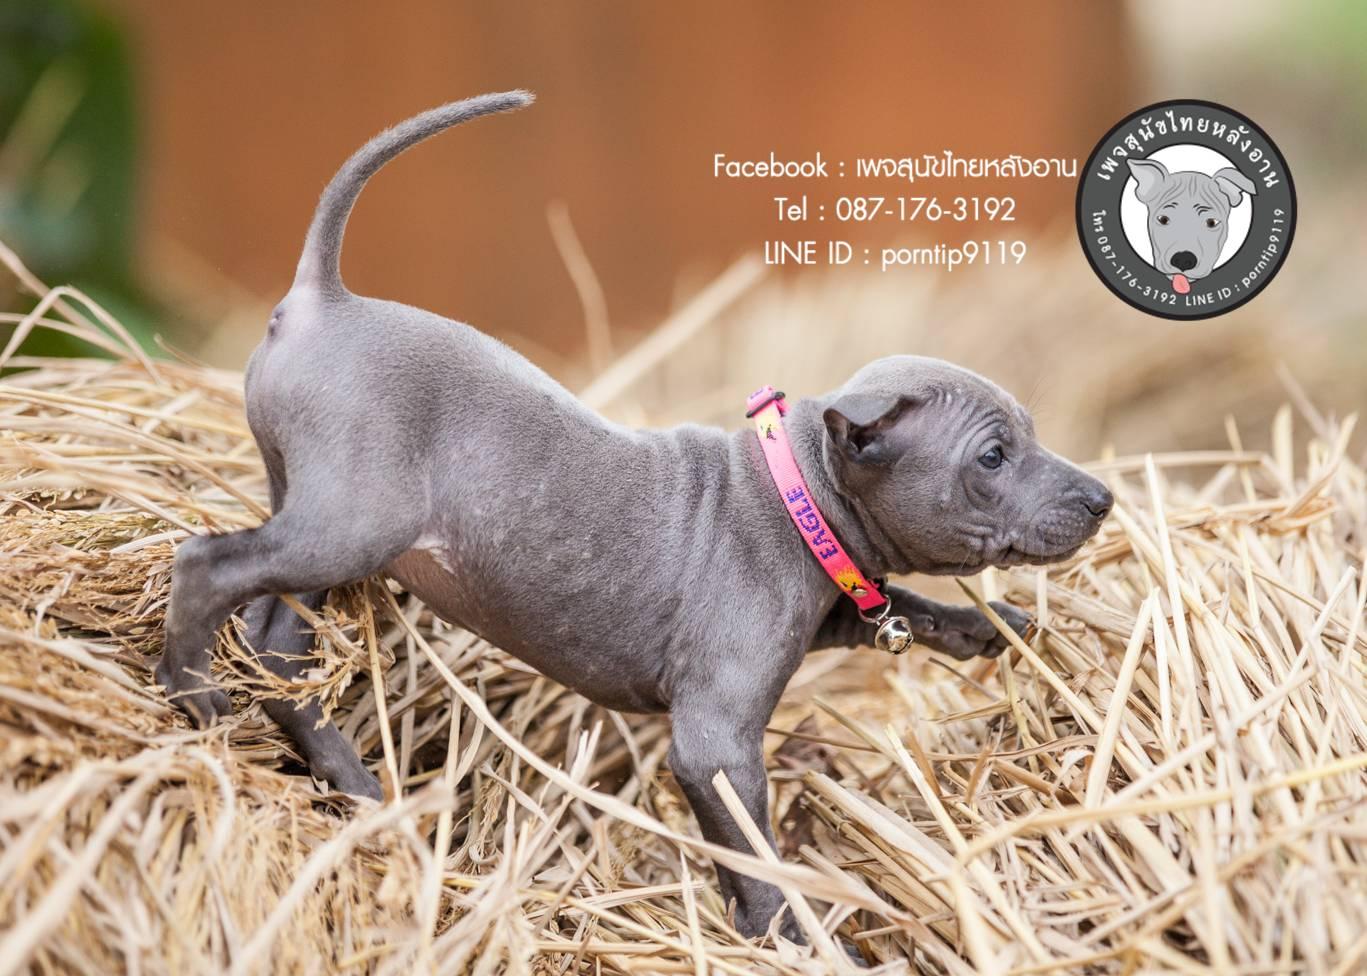 สุนัขไทยหลังอาน ขายสุนัขไทยหลังอาน   ลูกสุนัขไทยหลังอาน180KB